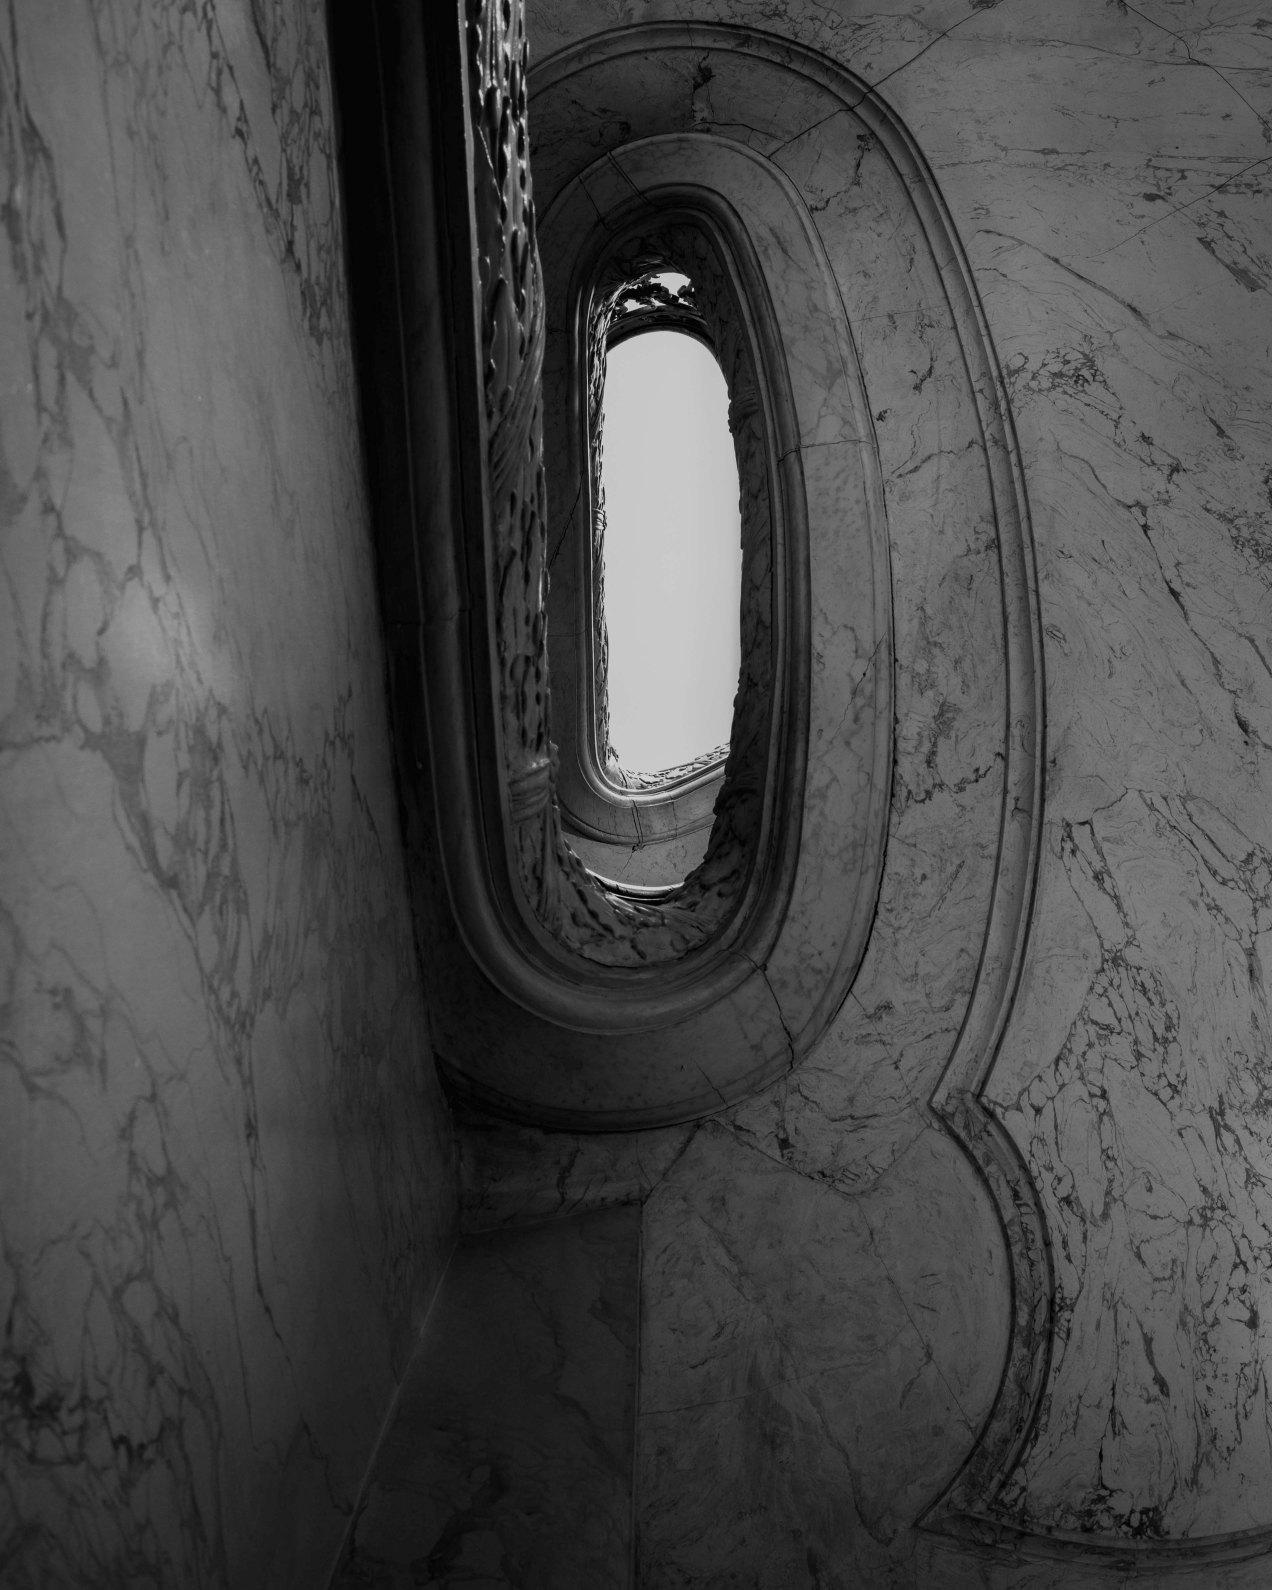 Escalier, musée Jacquemard André, gildalliere, Paris, 2019